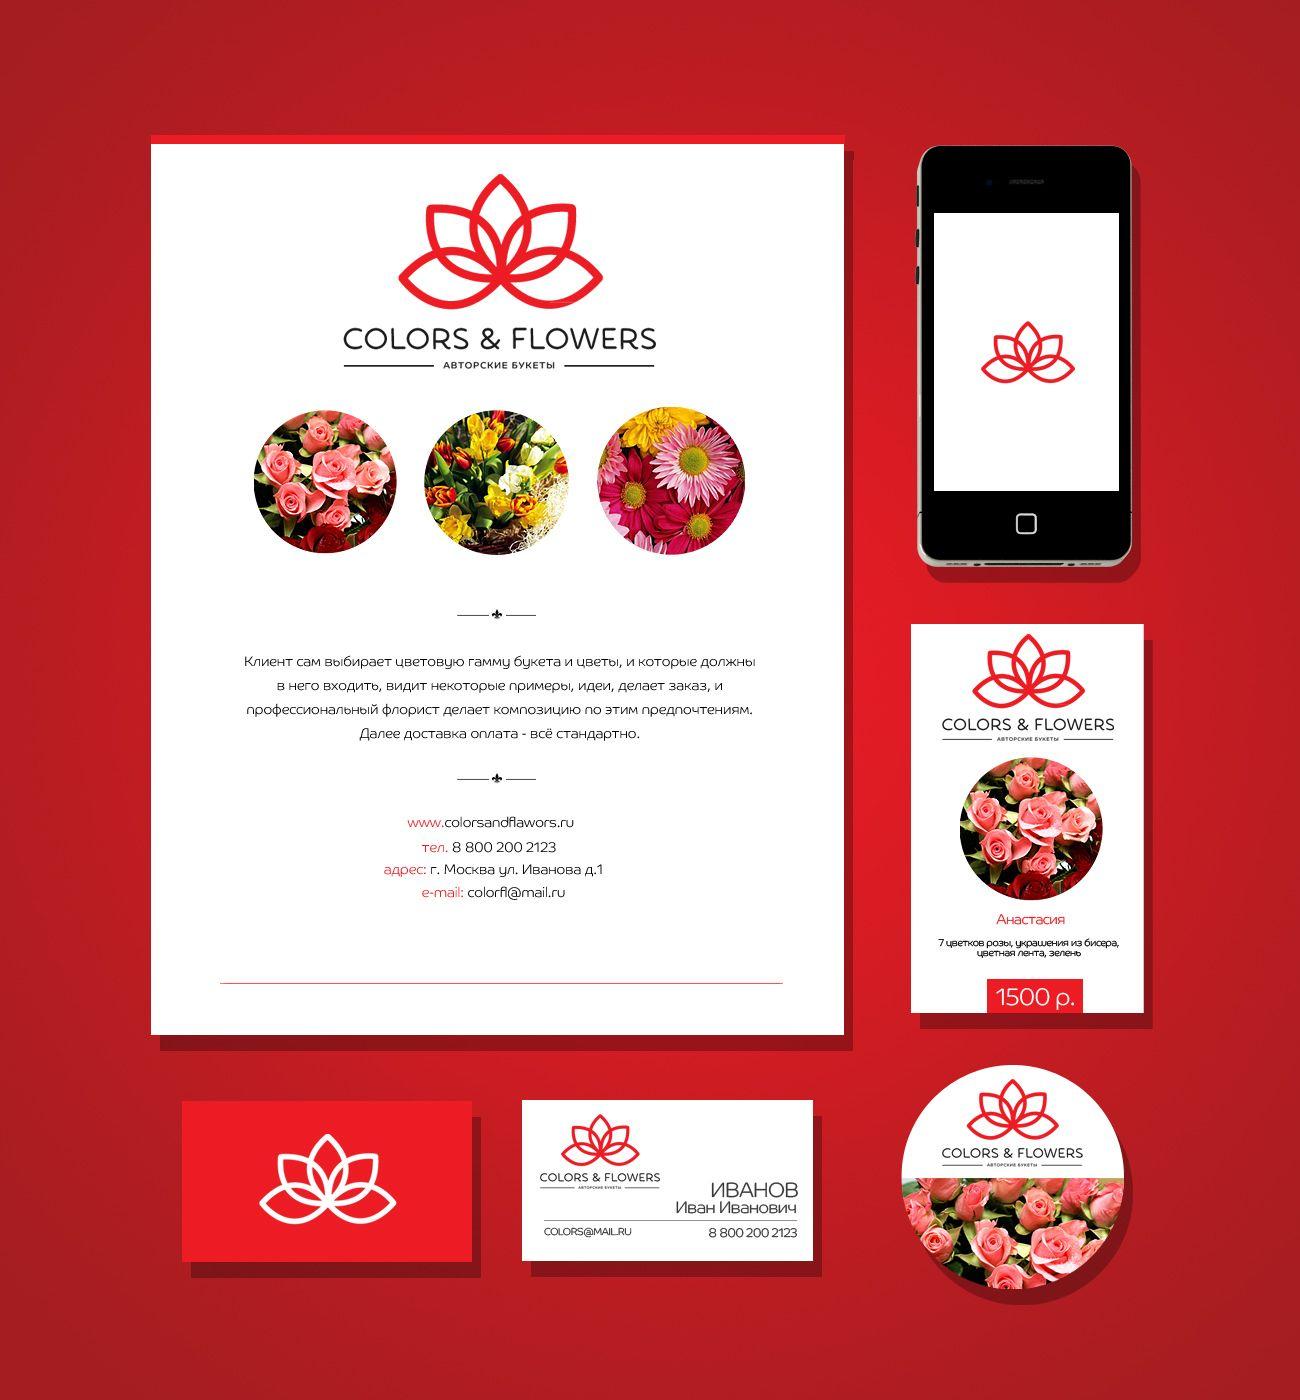 Colors & Flowers Логотип и фирменный стиль - дизайнер benks